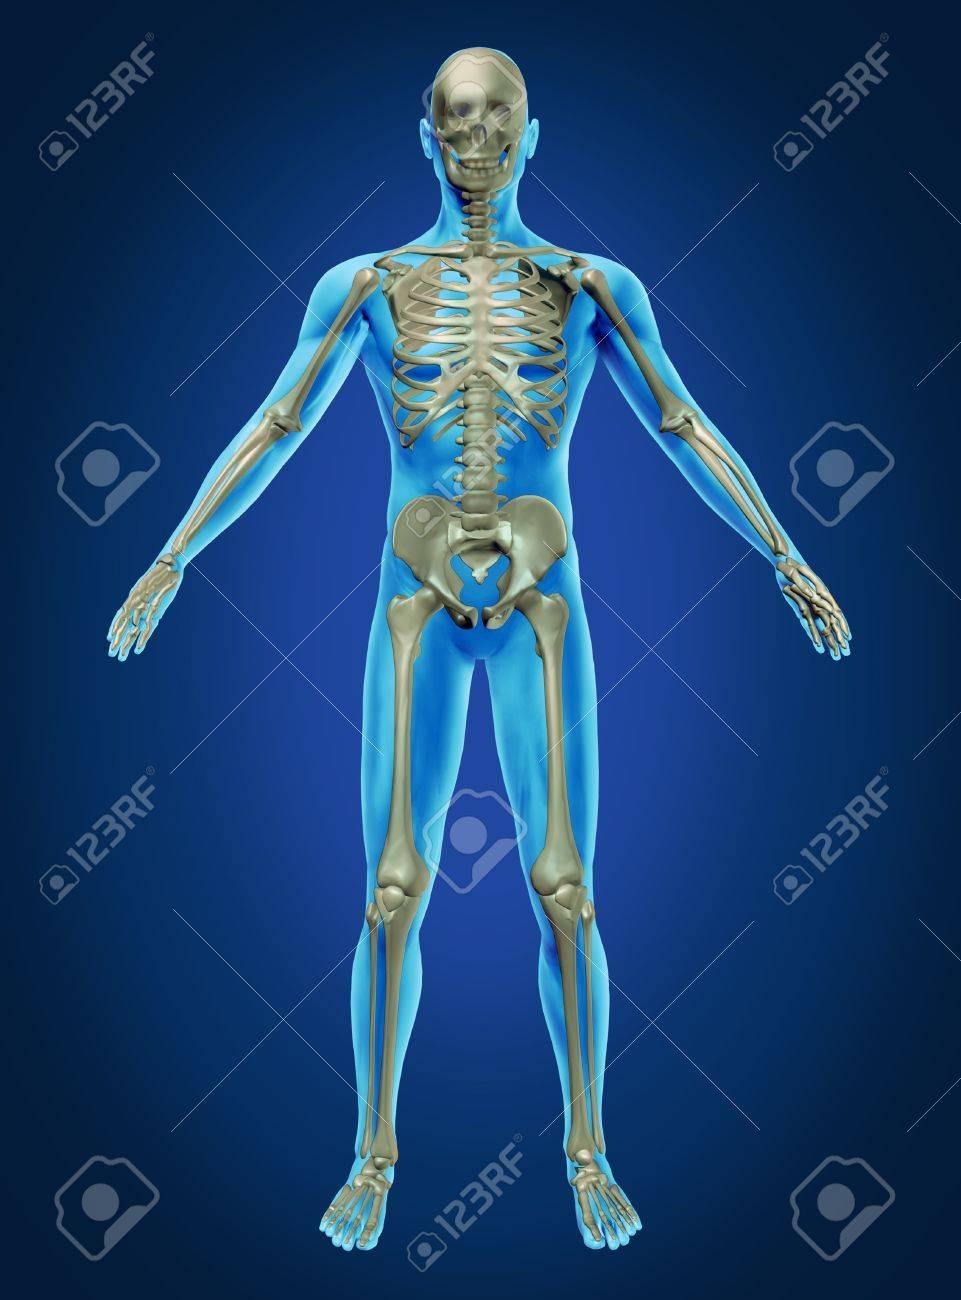 Der Menschliche Körper Und Skelett Mit Dem Skelett-Anatomie Im ...